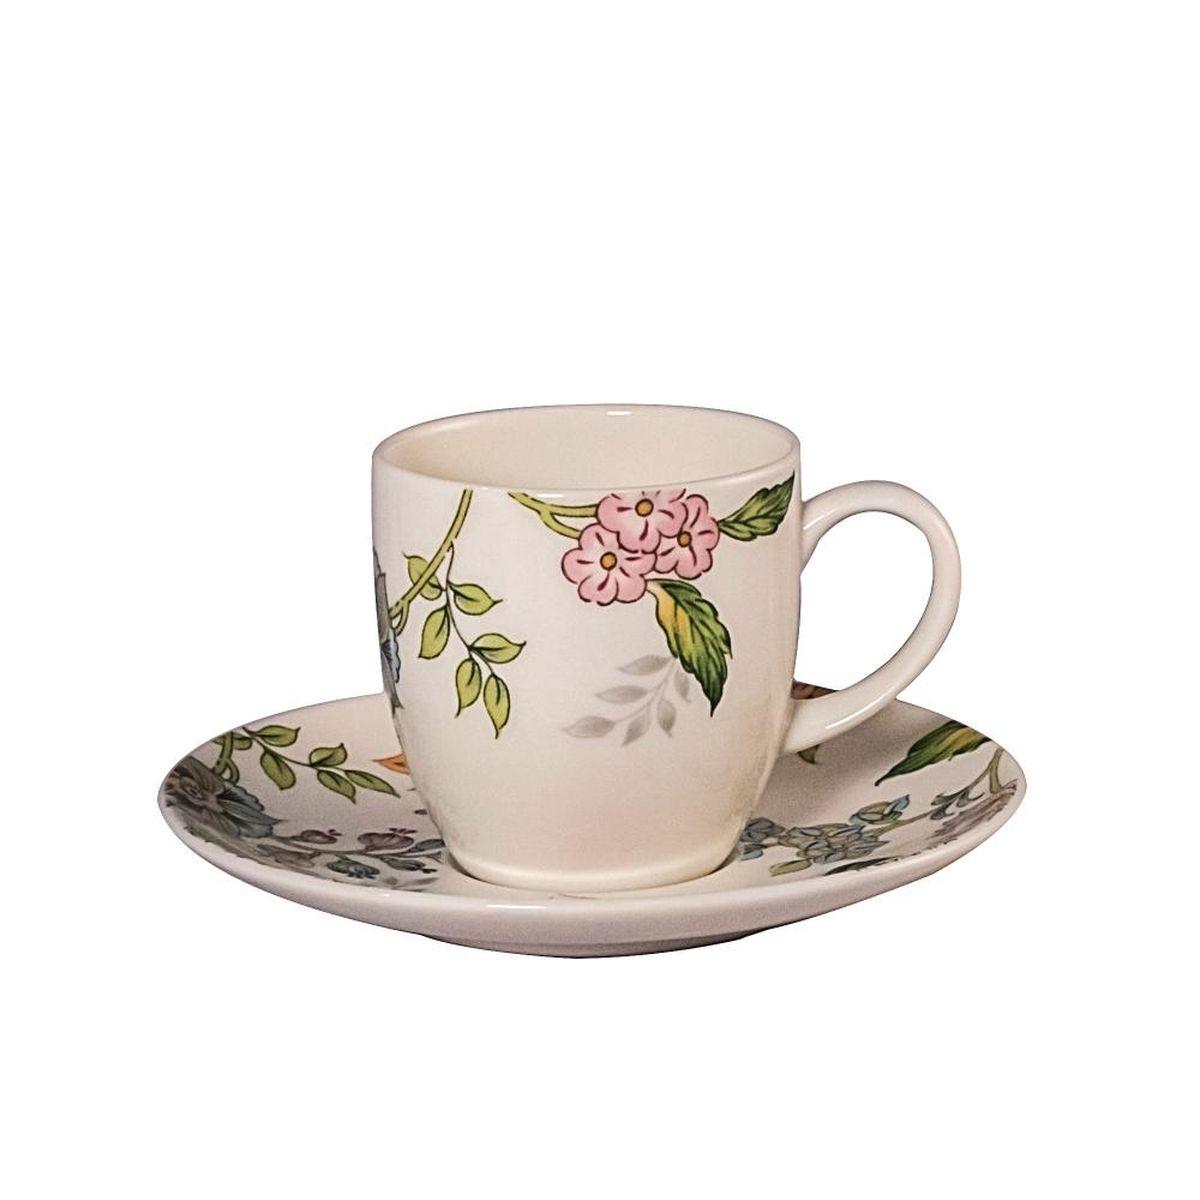 Набор кофейный Royal Bone China Прованс, 12 предметов9016/12275Набор Royal Bone China Прованс состоит из шести кофейных пар (6 чашек и 6 блюдец), изготовленных из высококачественного фарфора и оформленных цветочным рисунком. Яркий дизайн, несомненно, придется вам по вкусу.Такой набор украсит ваш кухонный стол, а также станет замечательным подарком к любому празднику.Объем чашек: 100 мл.Диаметр блюдца: 12 см. Диаметр чашки: 6 см.Высота чашки: 8 см.